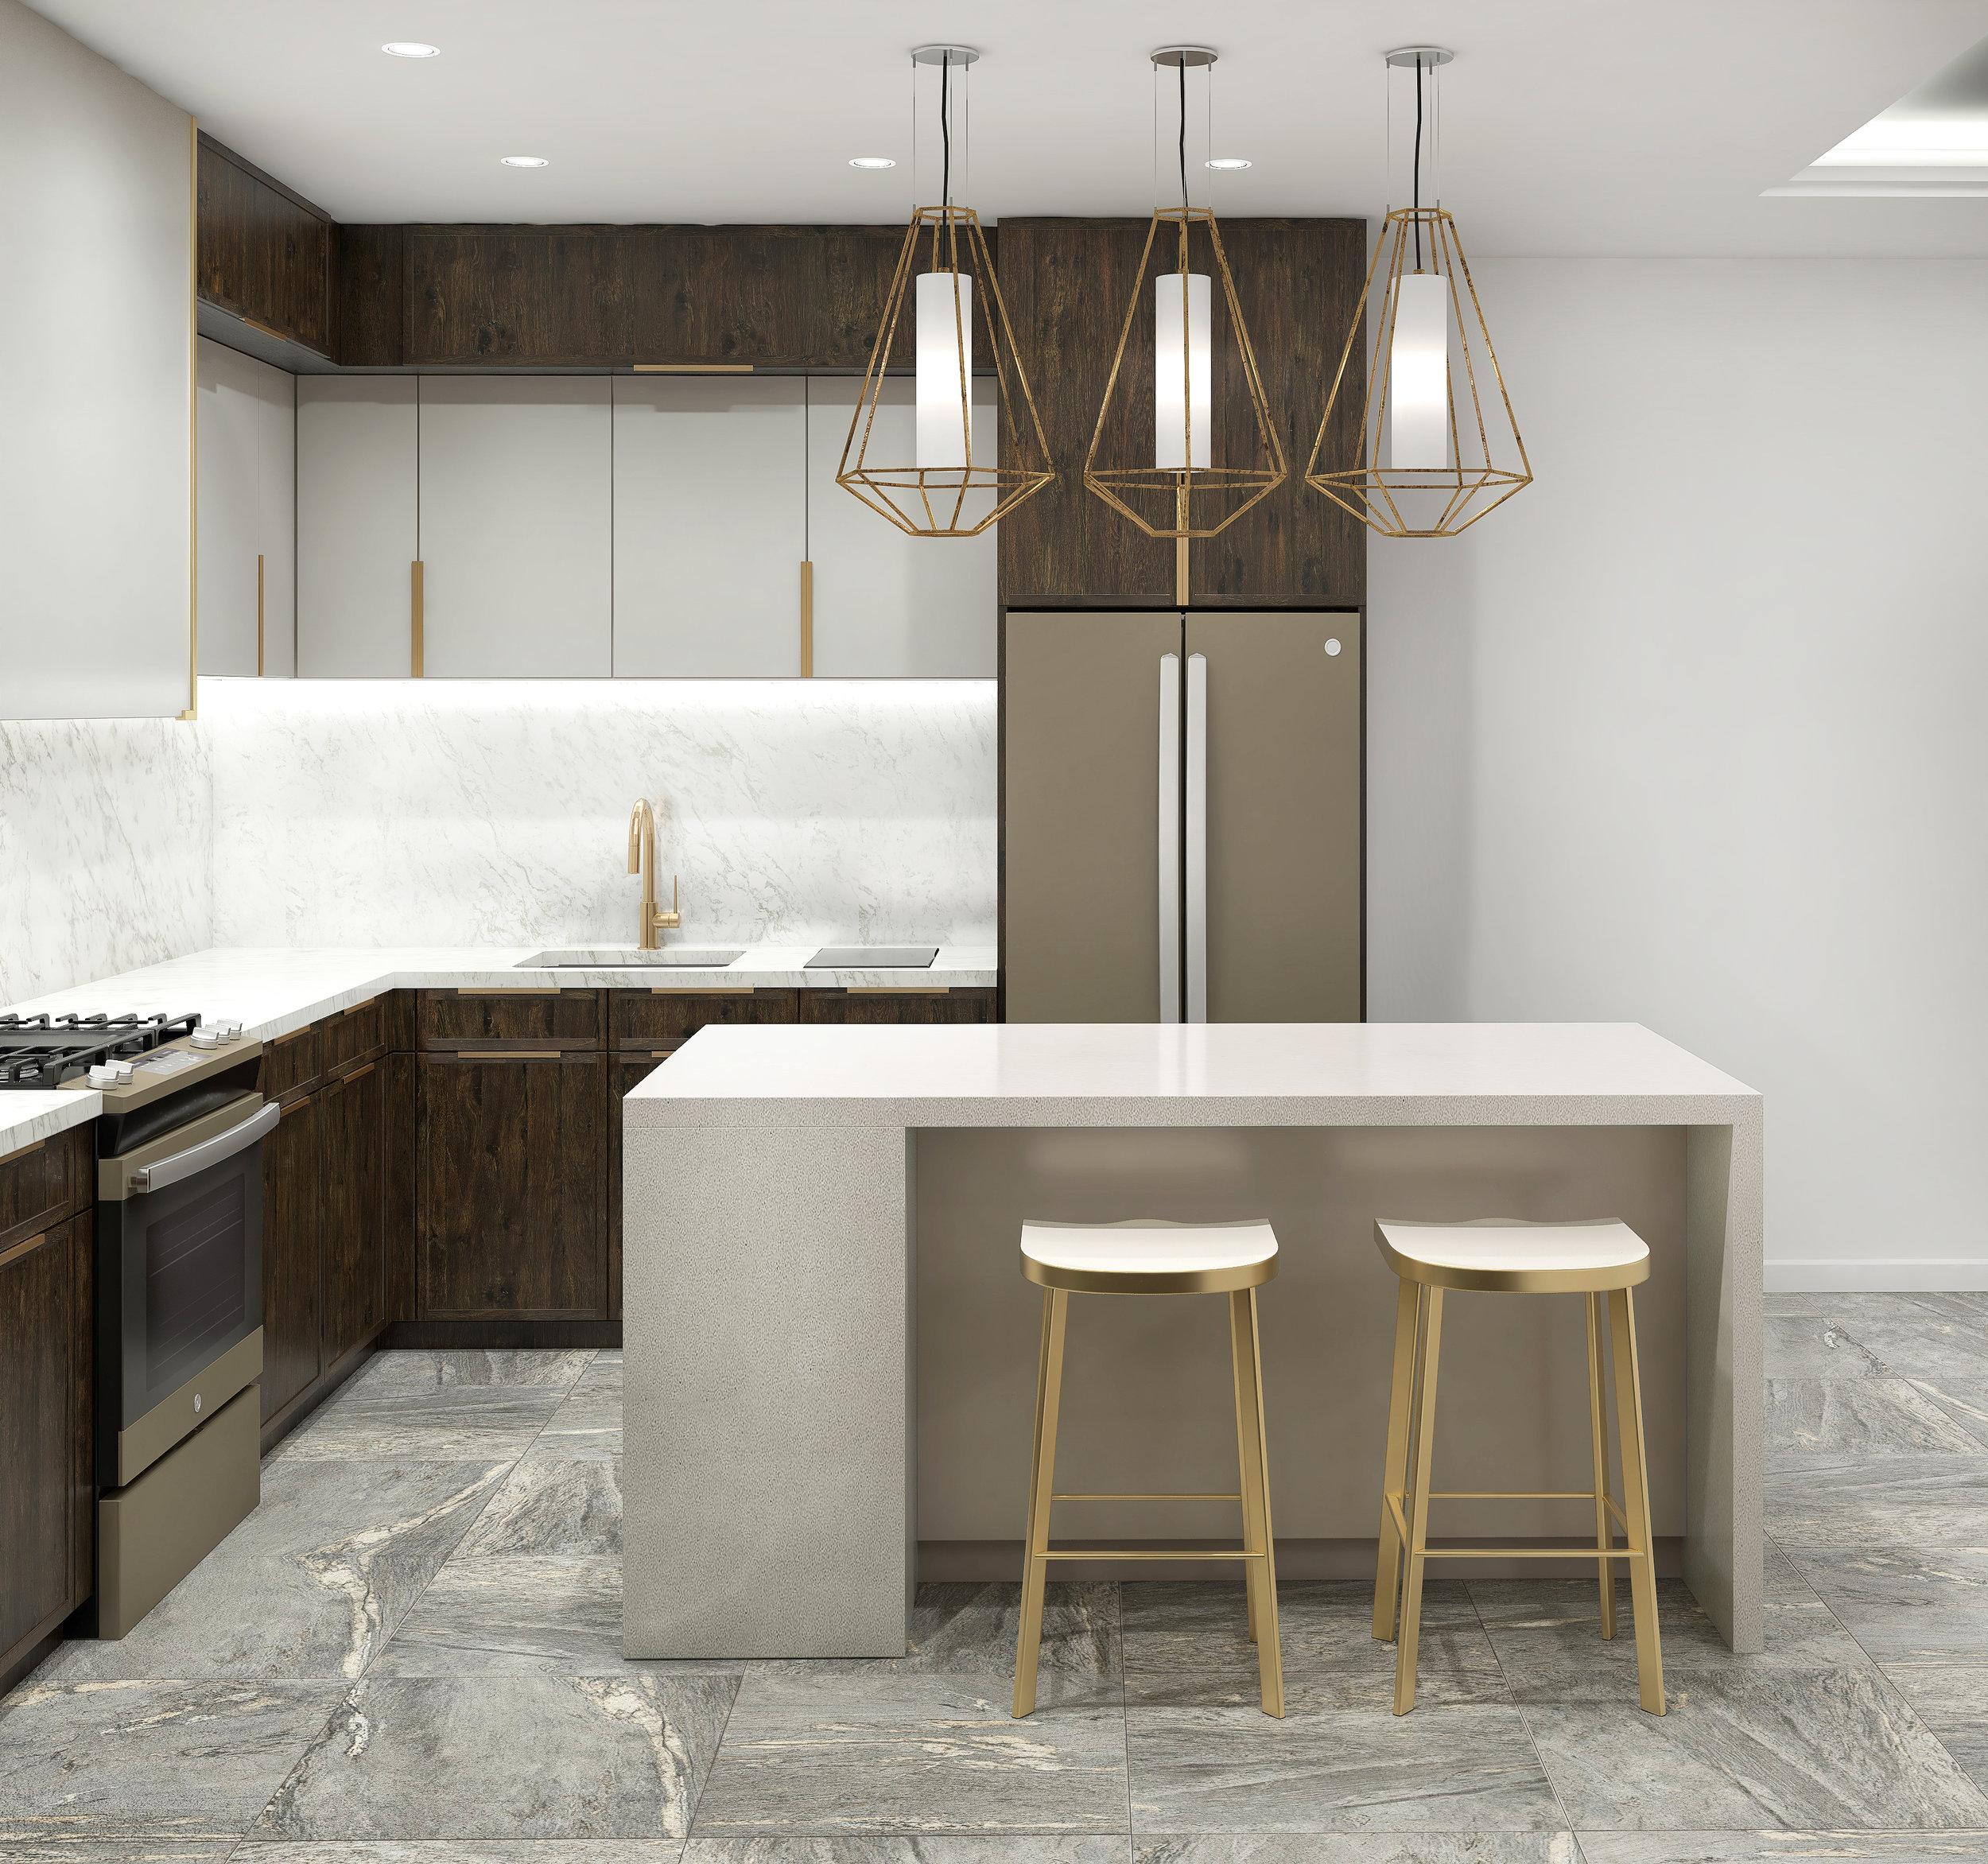 kitchen-814-01.0005-P-edit.jpg